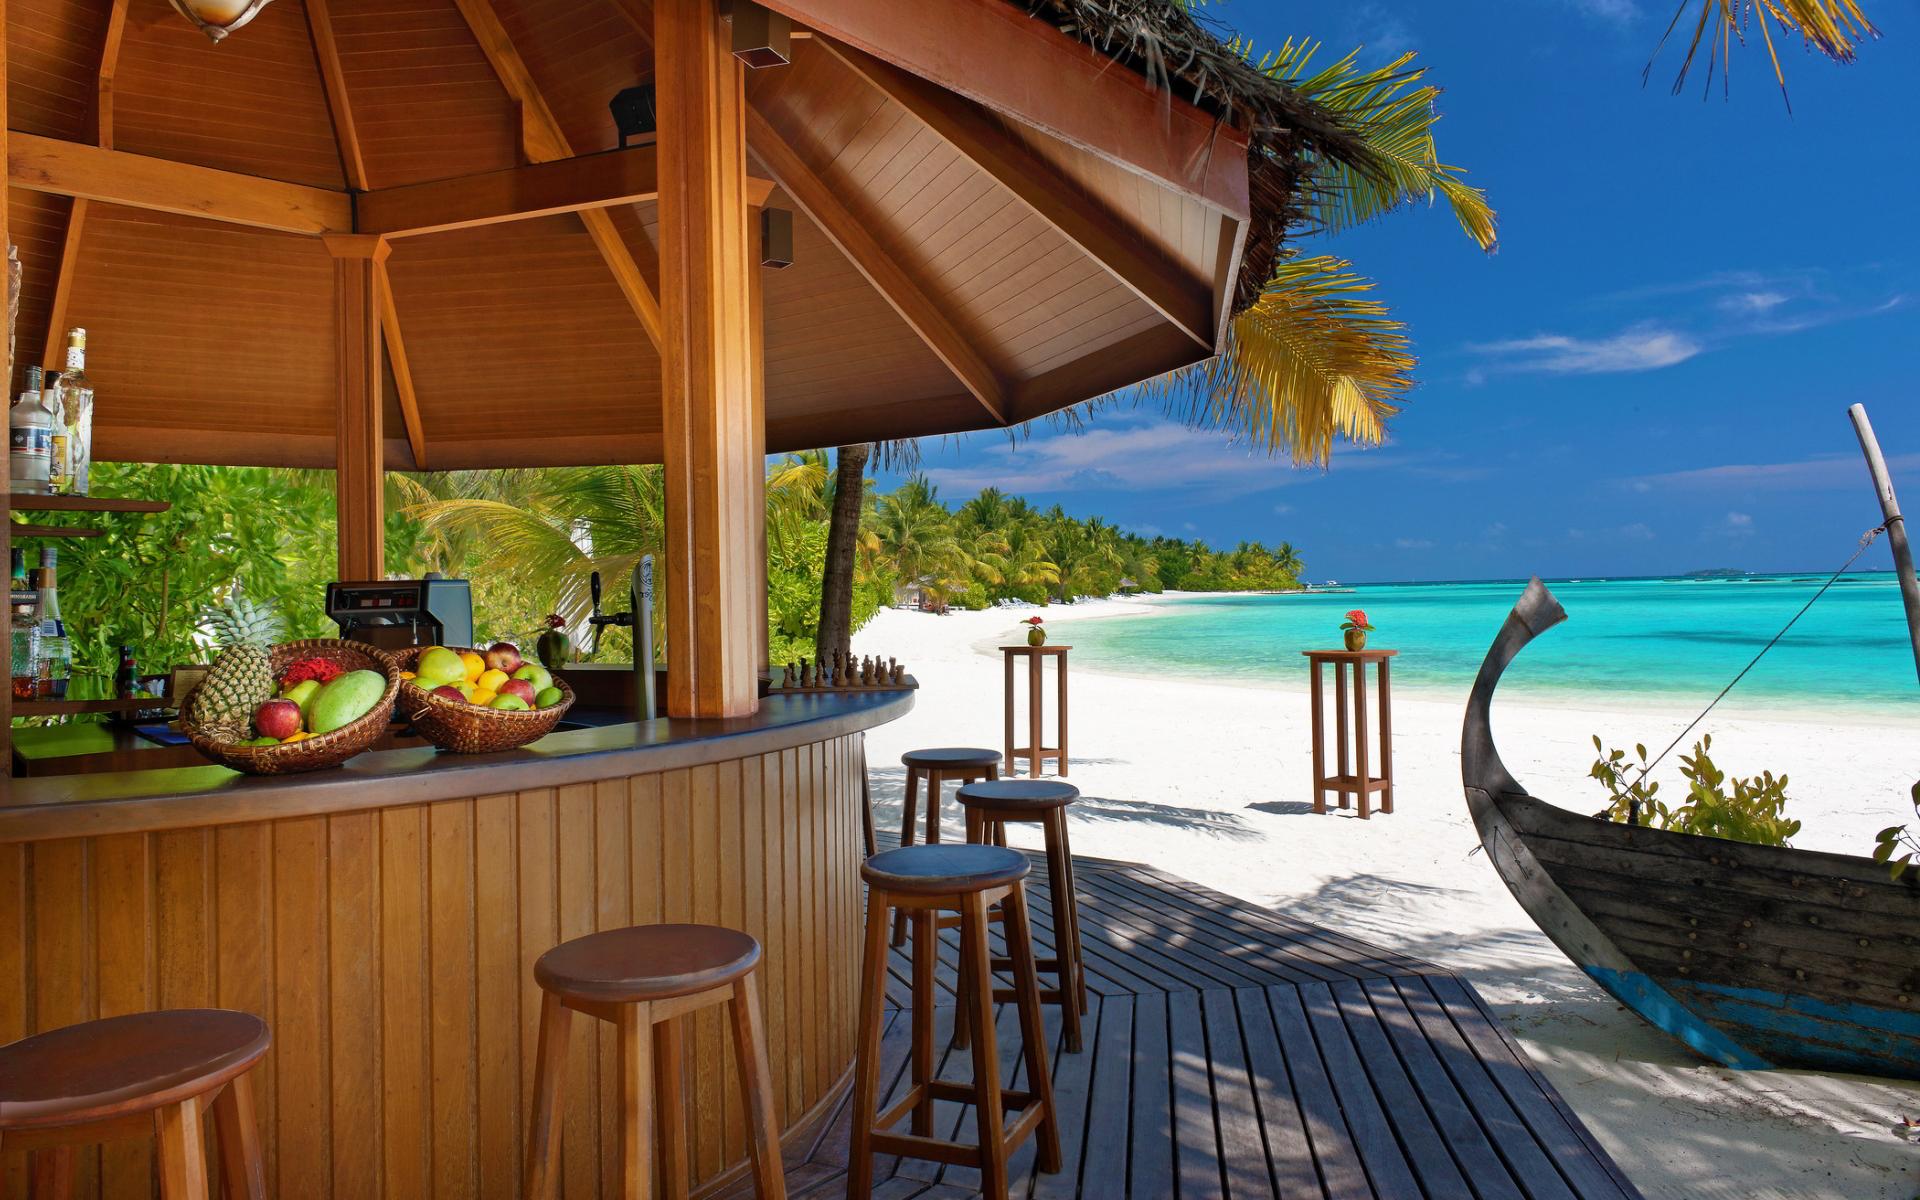 Tropical beach bar